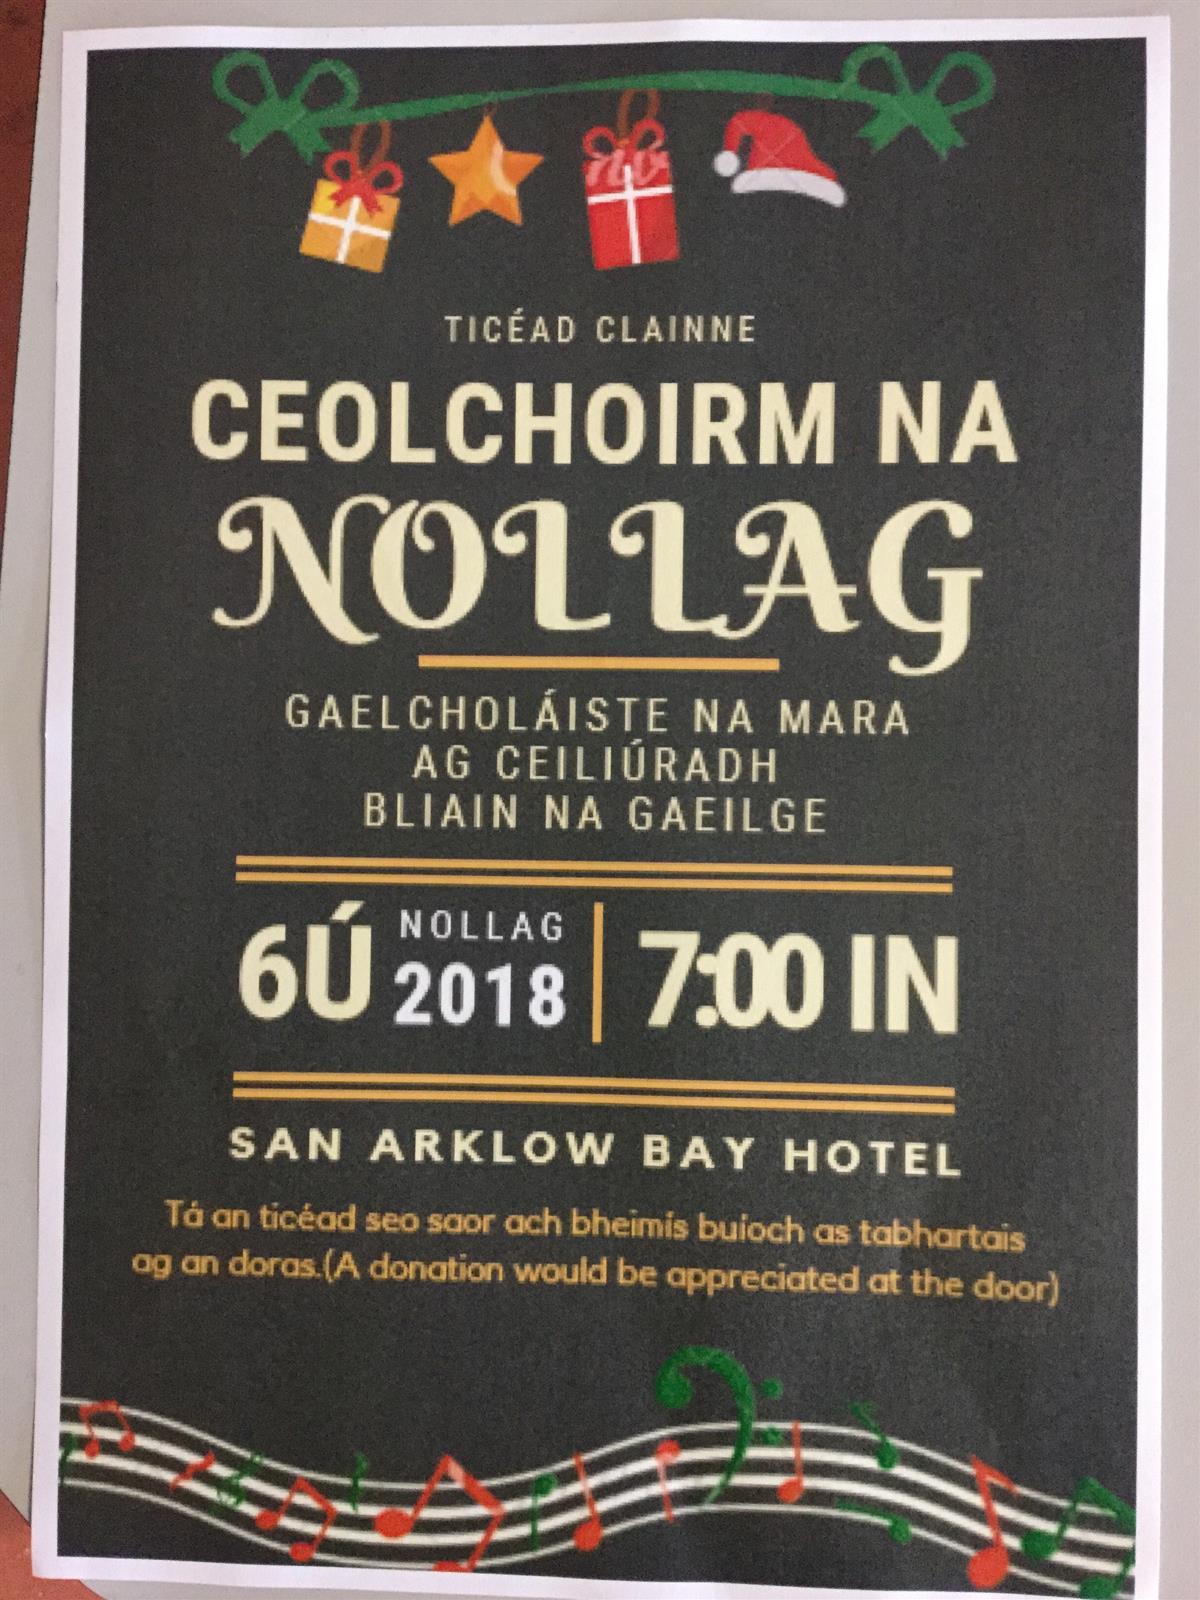 Tá Ceolchoirm na Nollag eagraithe ag an scoil don Déardaoin 6/12 ag a 19.00 san Arklow Bay.